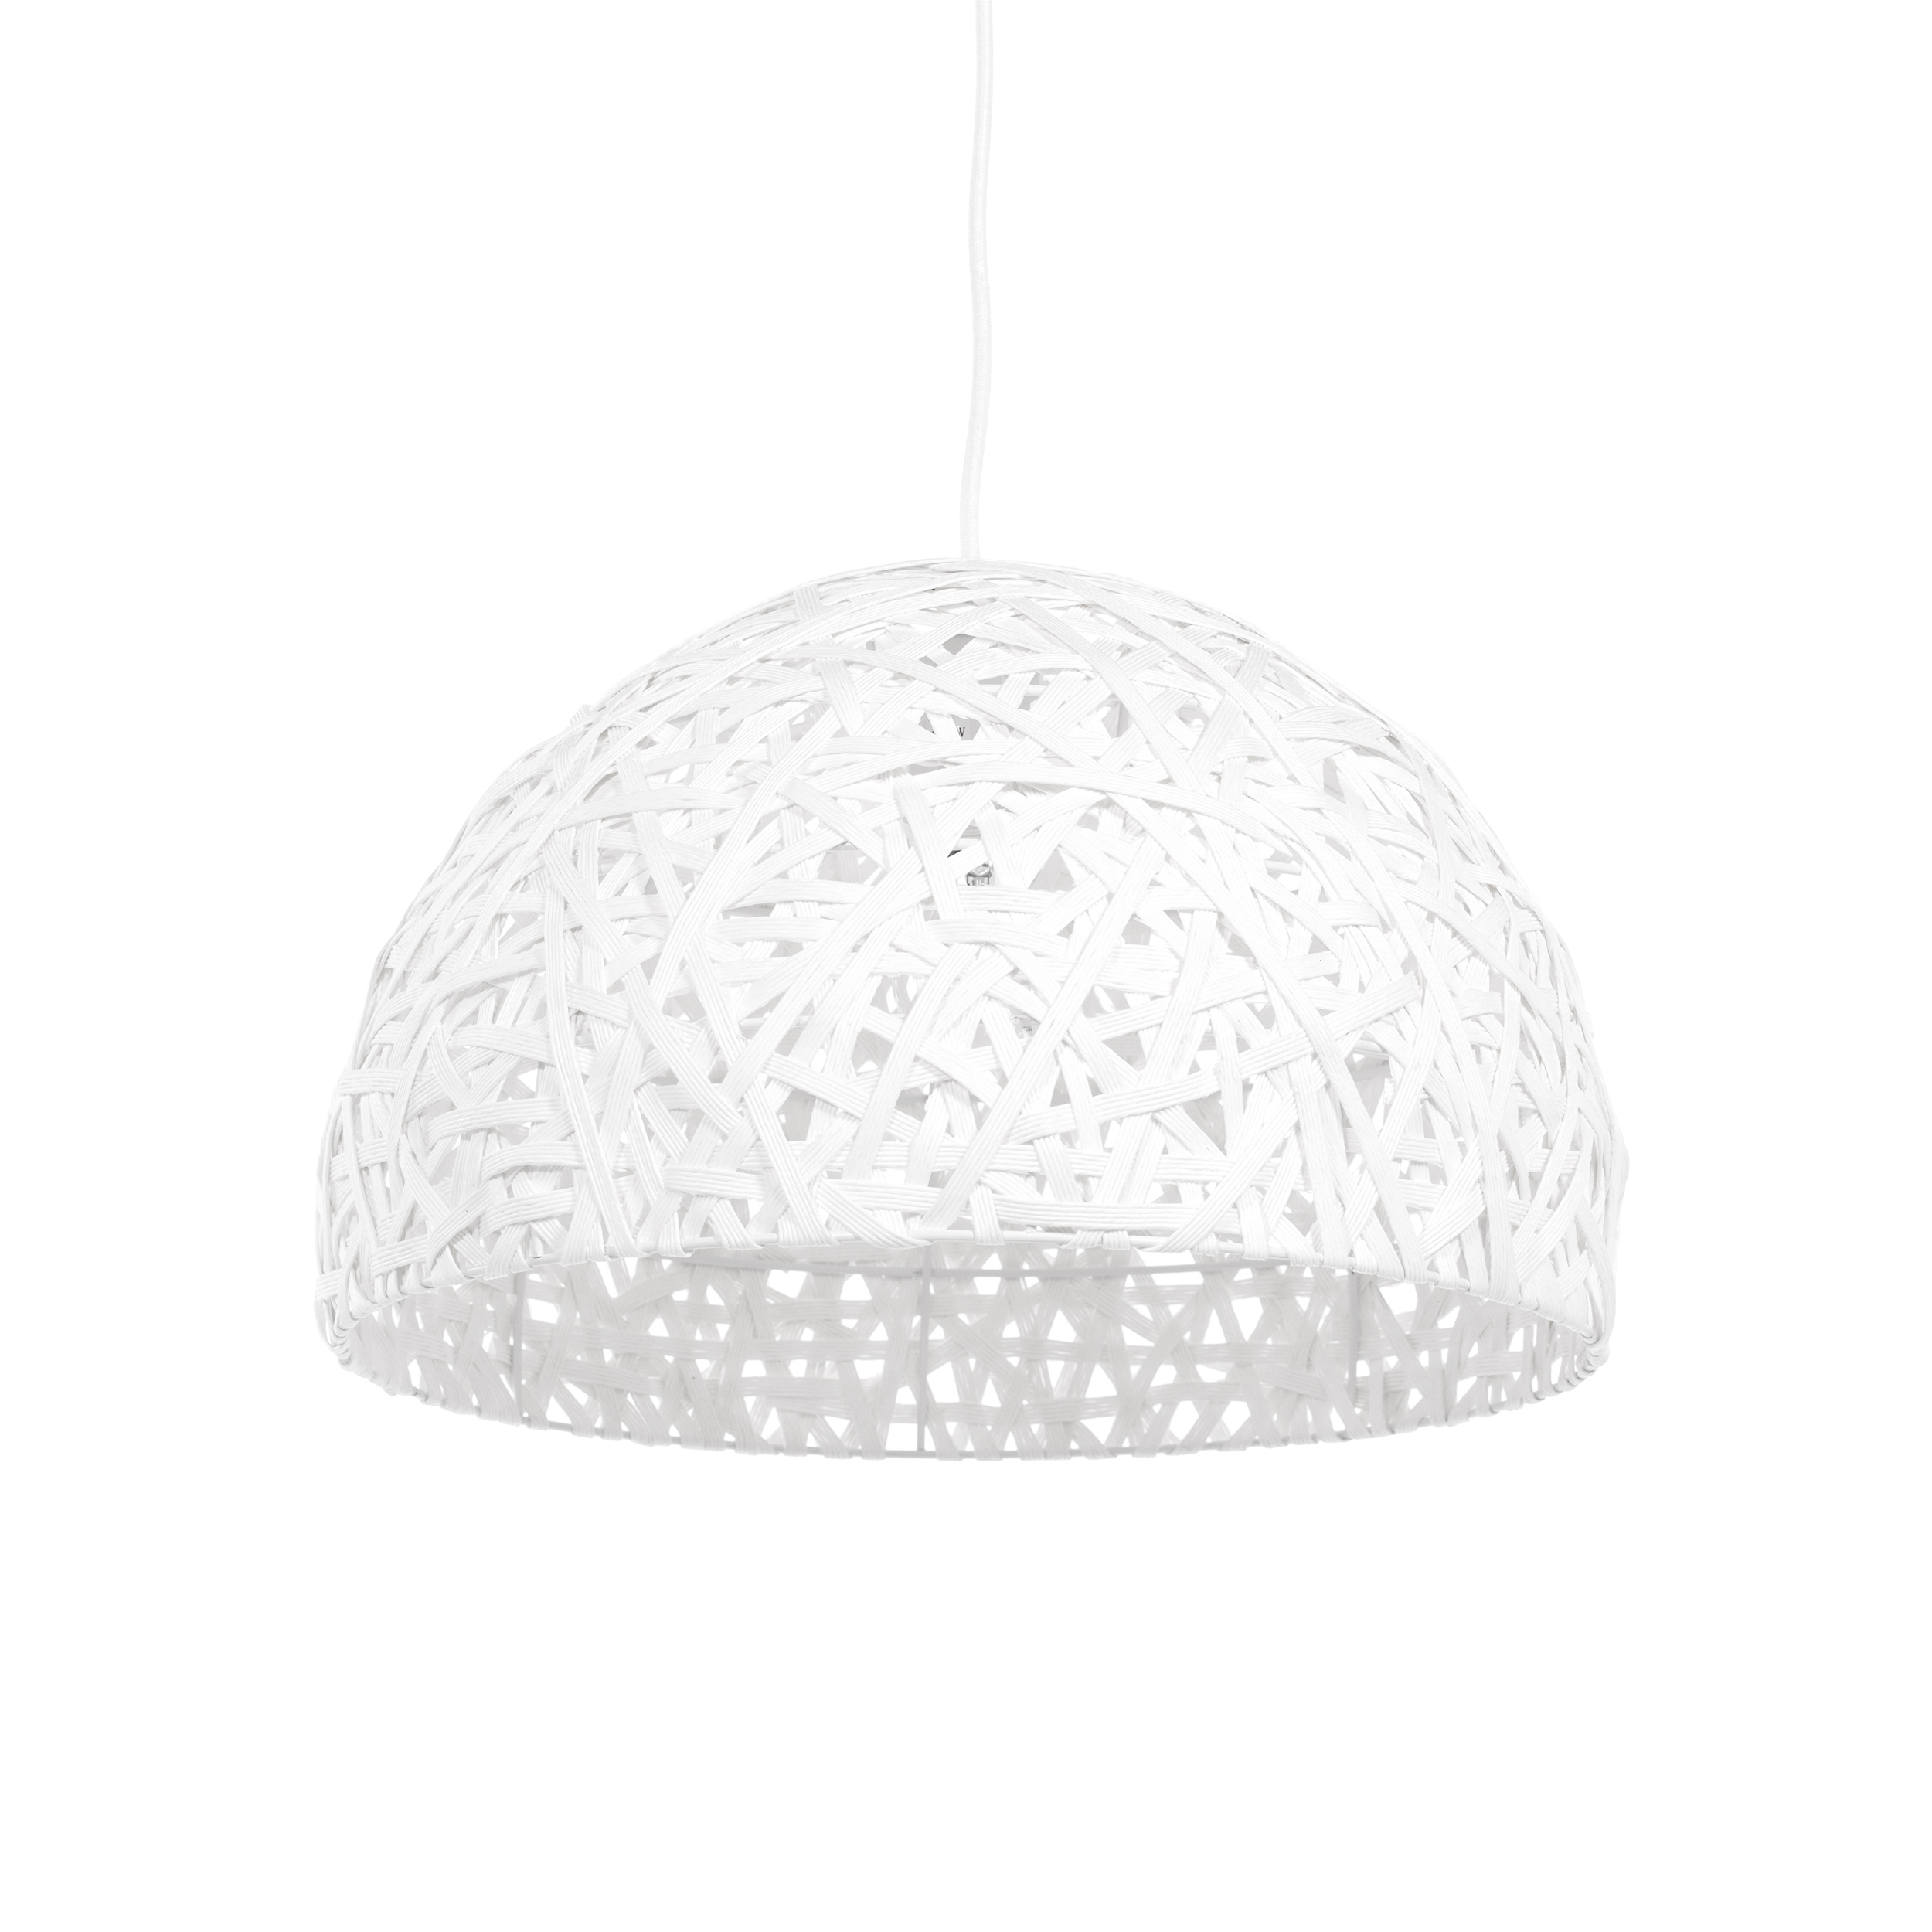 Подвесной светильник NestПодвесные<br>Порой чтобы создать по-настоящему стильный интерьер, совершенно не обязательно прибегать к покупке дорогостоящего наполнения. Очень важно достигнуть баланса простоты и стиля мебели, света и декора. Подвесной светильник Nest — это отличный инструмент, с которым можно создать сдержанный, но стильный дизайн помещения для жизни. <br> <br> Светильник можно использовать как в интерьере гостиной, так и кухни. Дизайнер предусмотрел два цветовых решения, поэтому светильник легко приспособить именно под ва...<br><br>stock: 37<br>Высота: 150<br>Диаметр: 40<br>Количество ламп: 1<br>Материал абажура: Бумага<br>Материал арматуры: Металл<br>Мощность лампы: 40<br>Ламп в комплекте: Нет<br>Напряжение: 220-240<br>Тип лампы/цоколь: E27<br>Цвет абажура: Белый<br>Цвет арматуры: Белый<br>Цвет провода: Белый